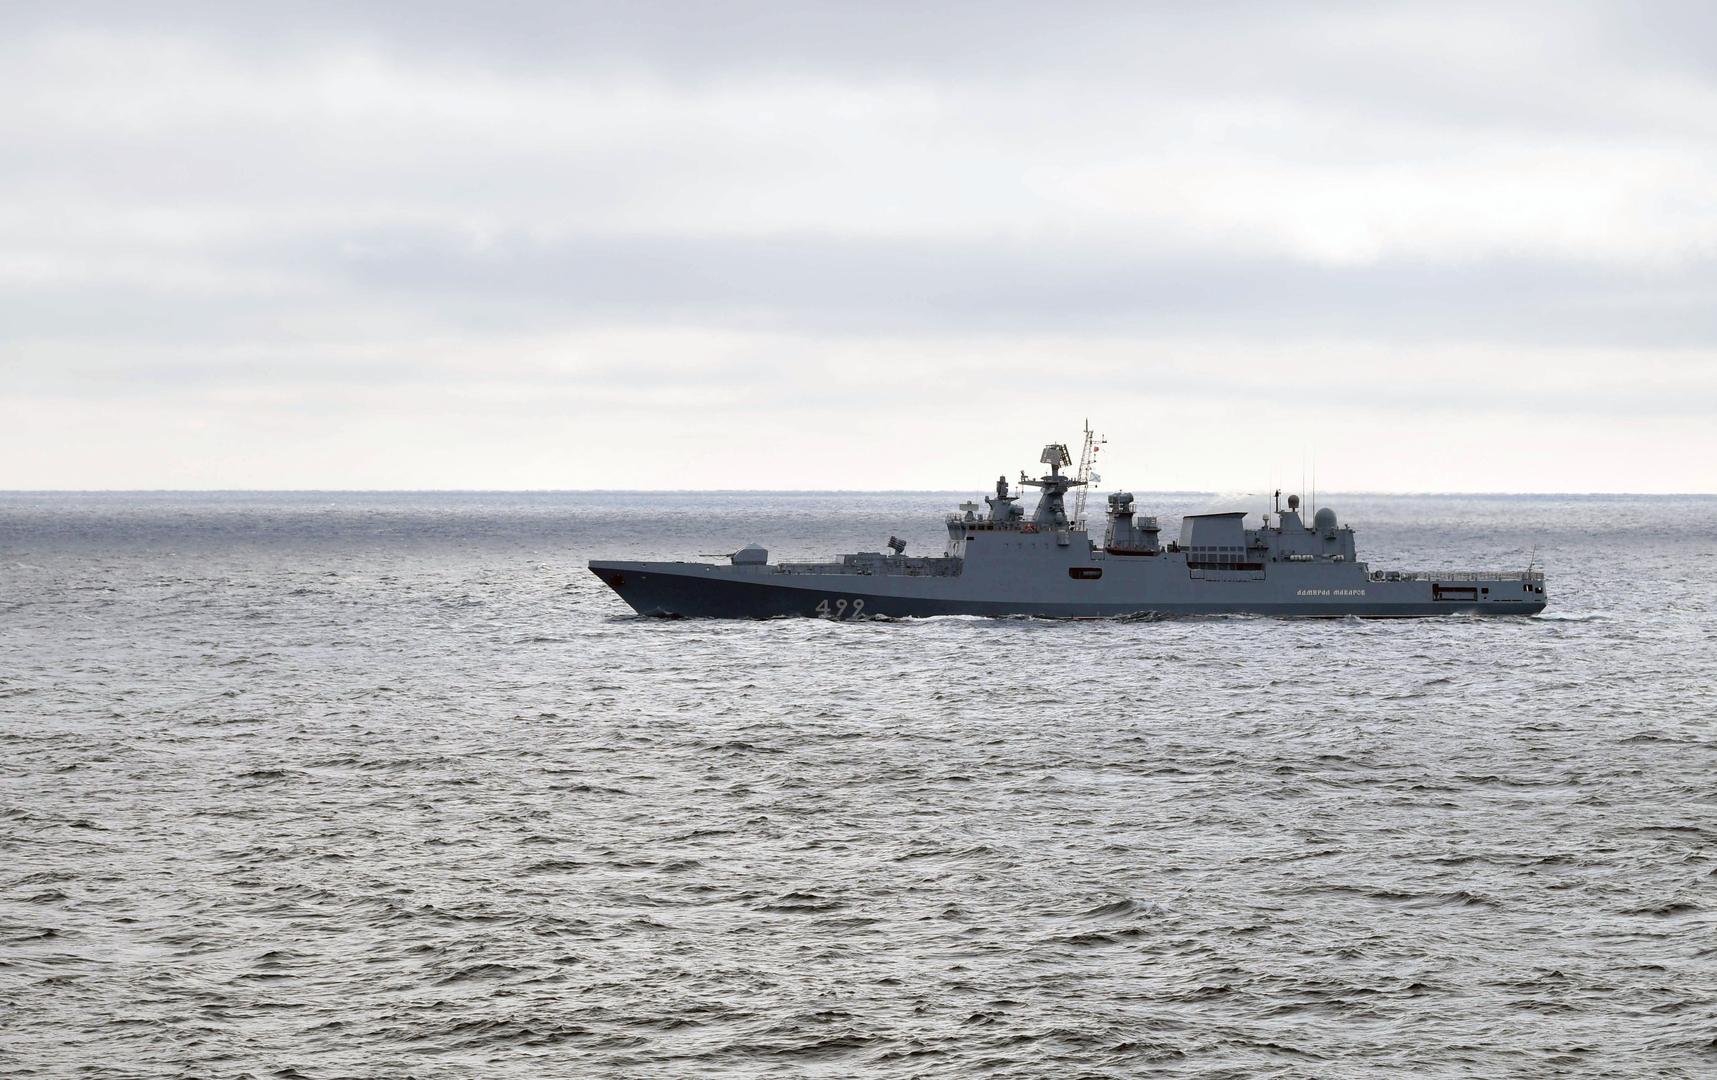 الجيشان الروسي والمصري يجريان تدريبات بحرية لأول مرة في البحر الأسود